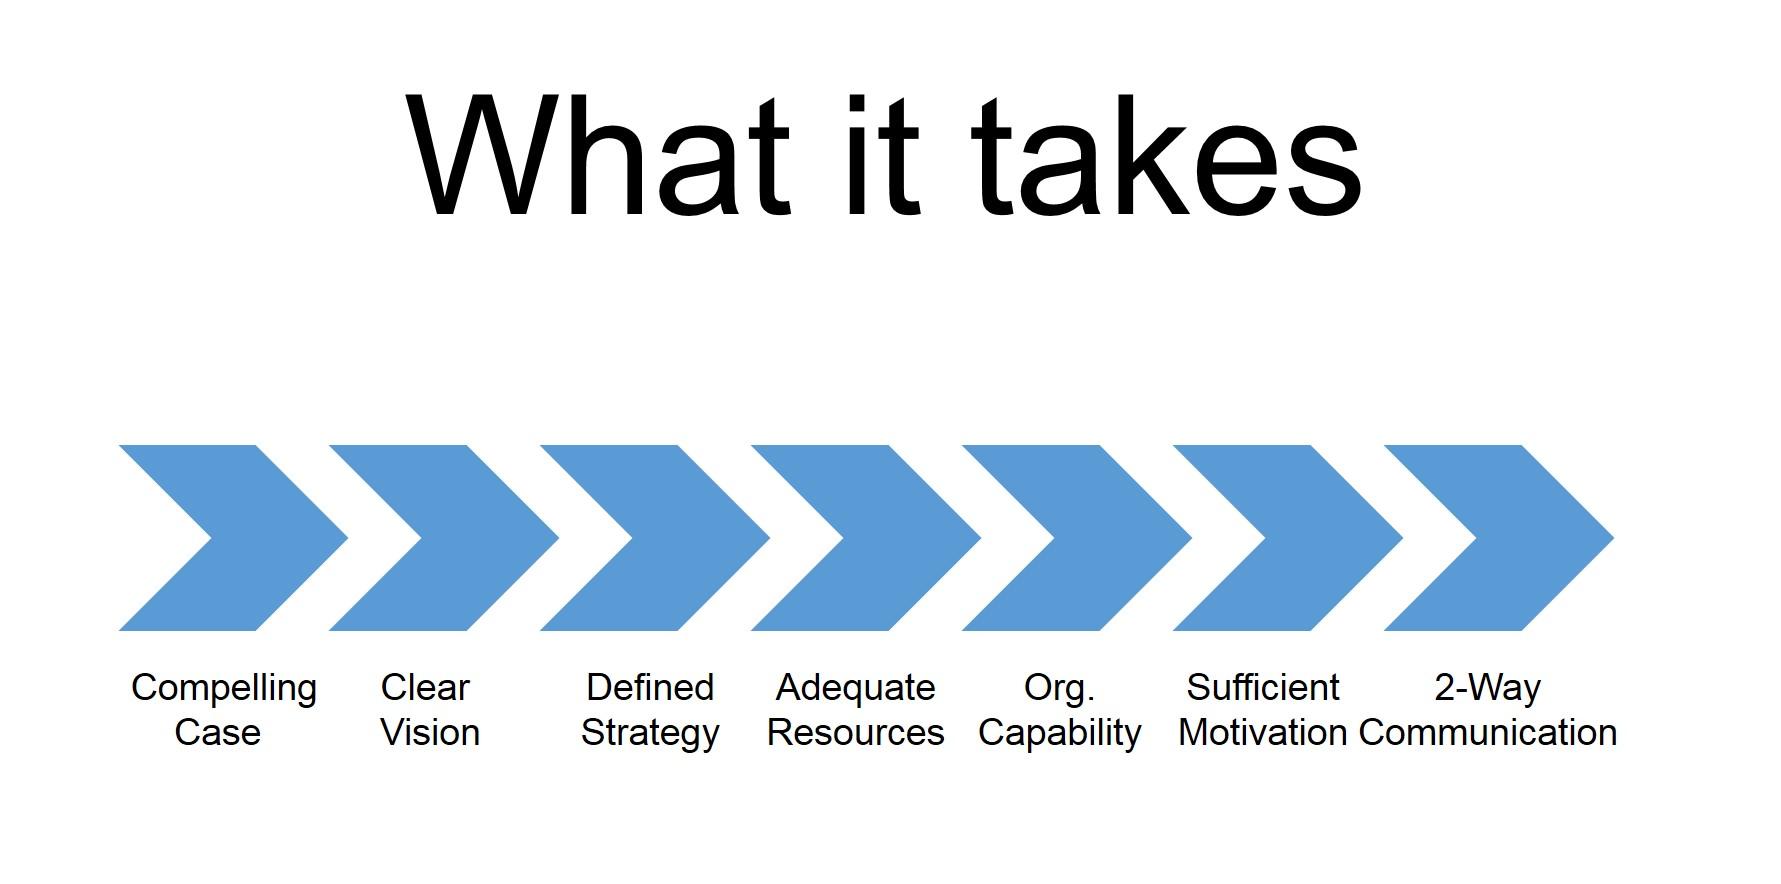 what-it-takes_kurt-ackerman